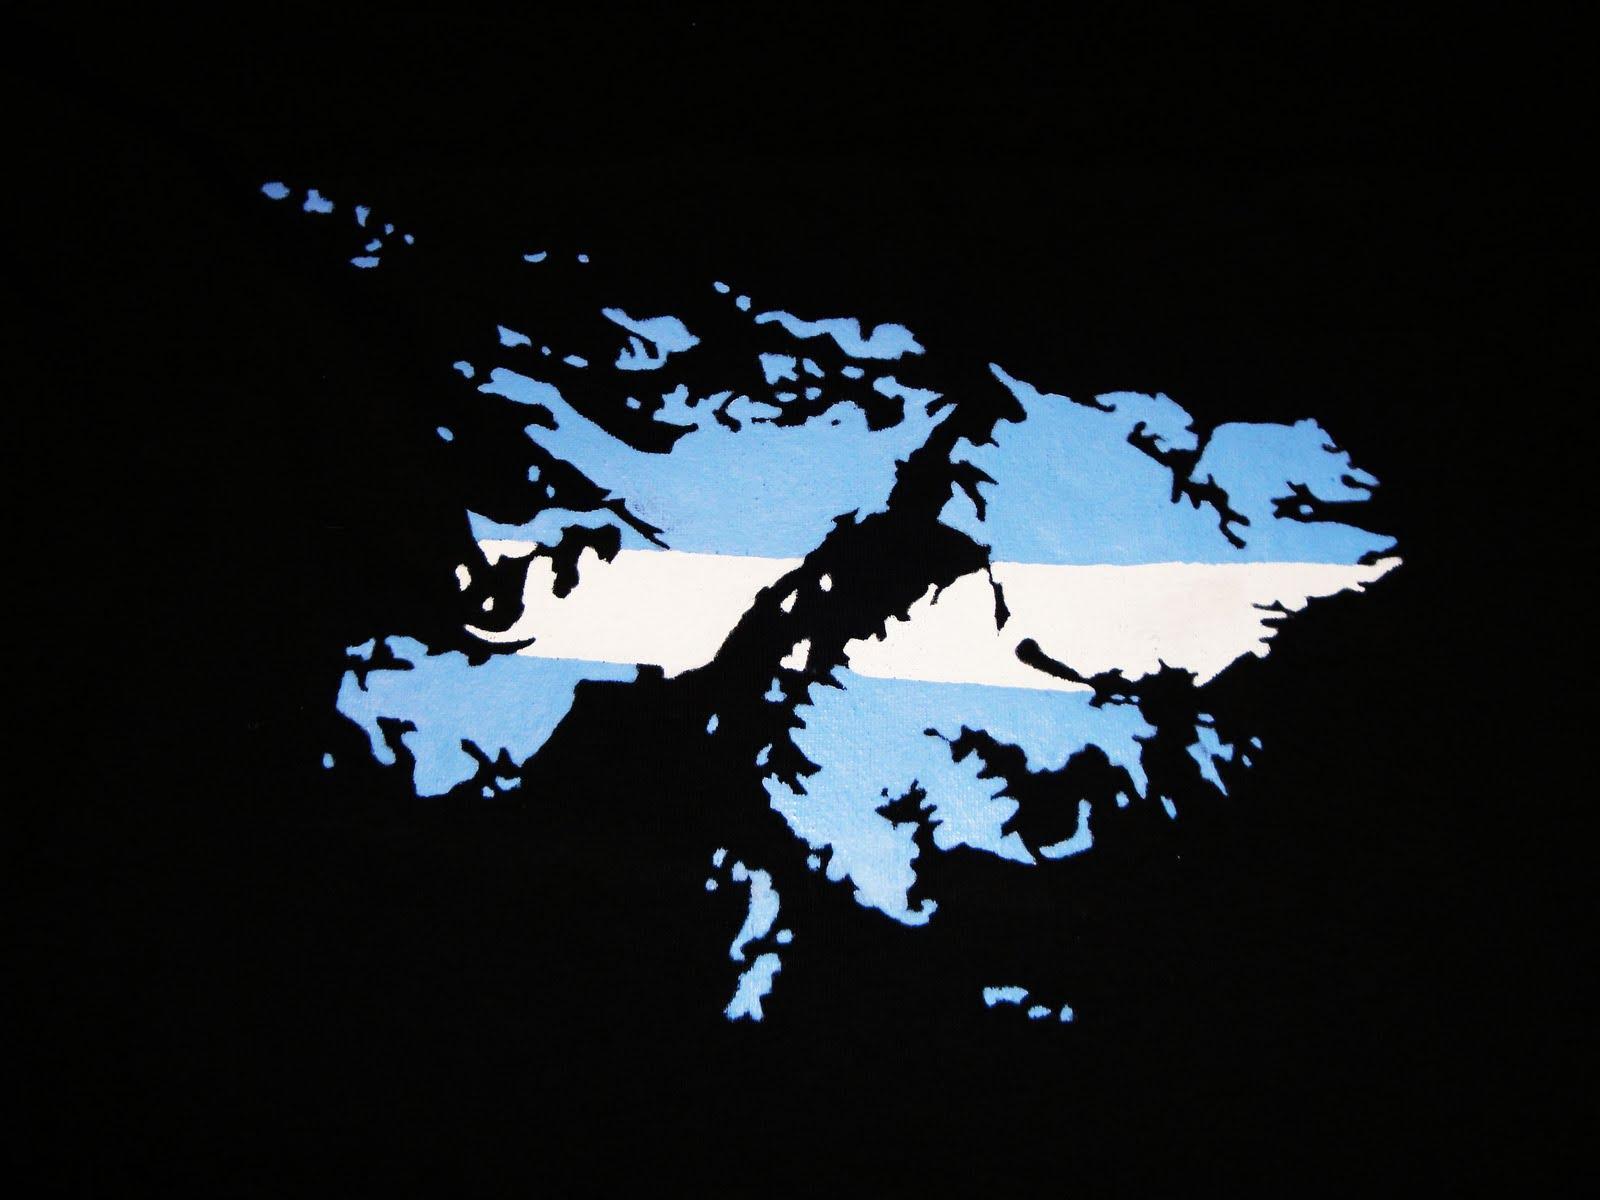 Quiénes apoyaron a Argentina en la Guerra de Malvinas